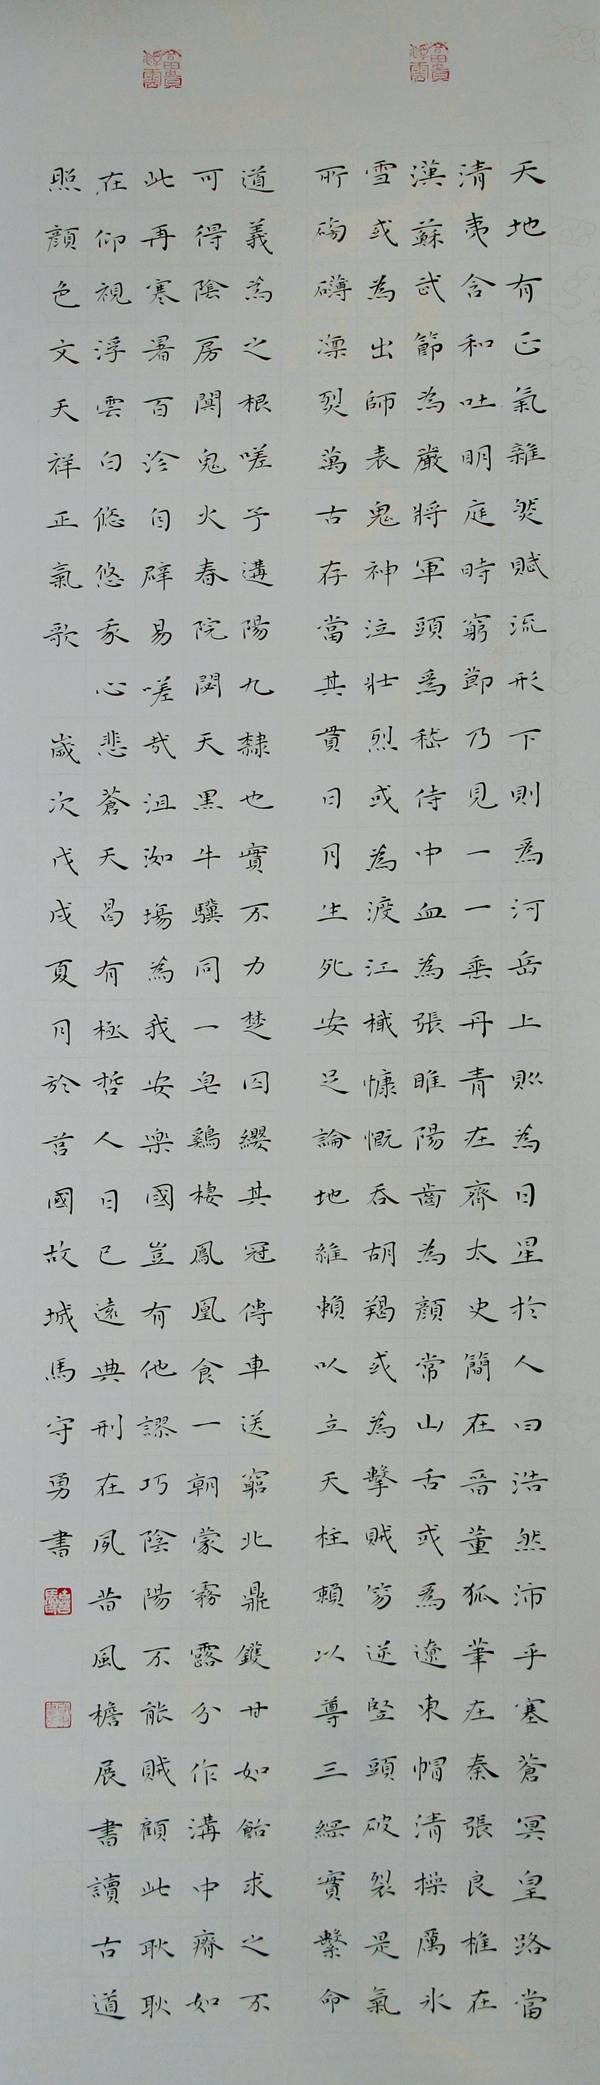 2018年山东省廉政文化作品征集书法类作品-013 文天祥